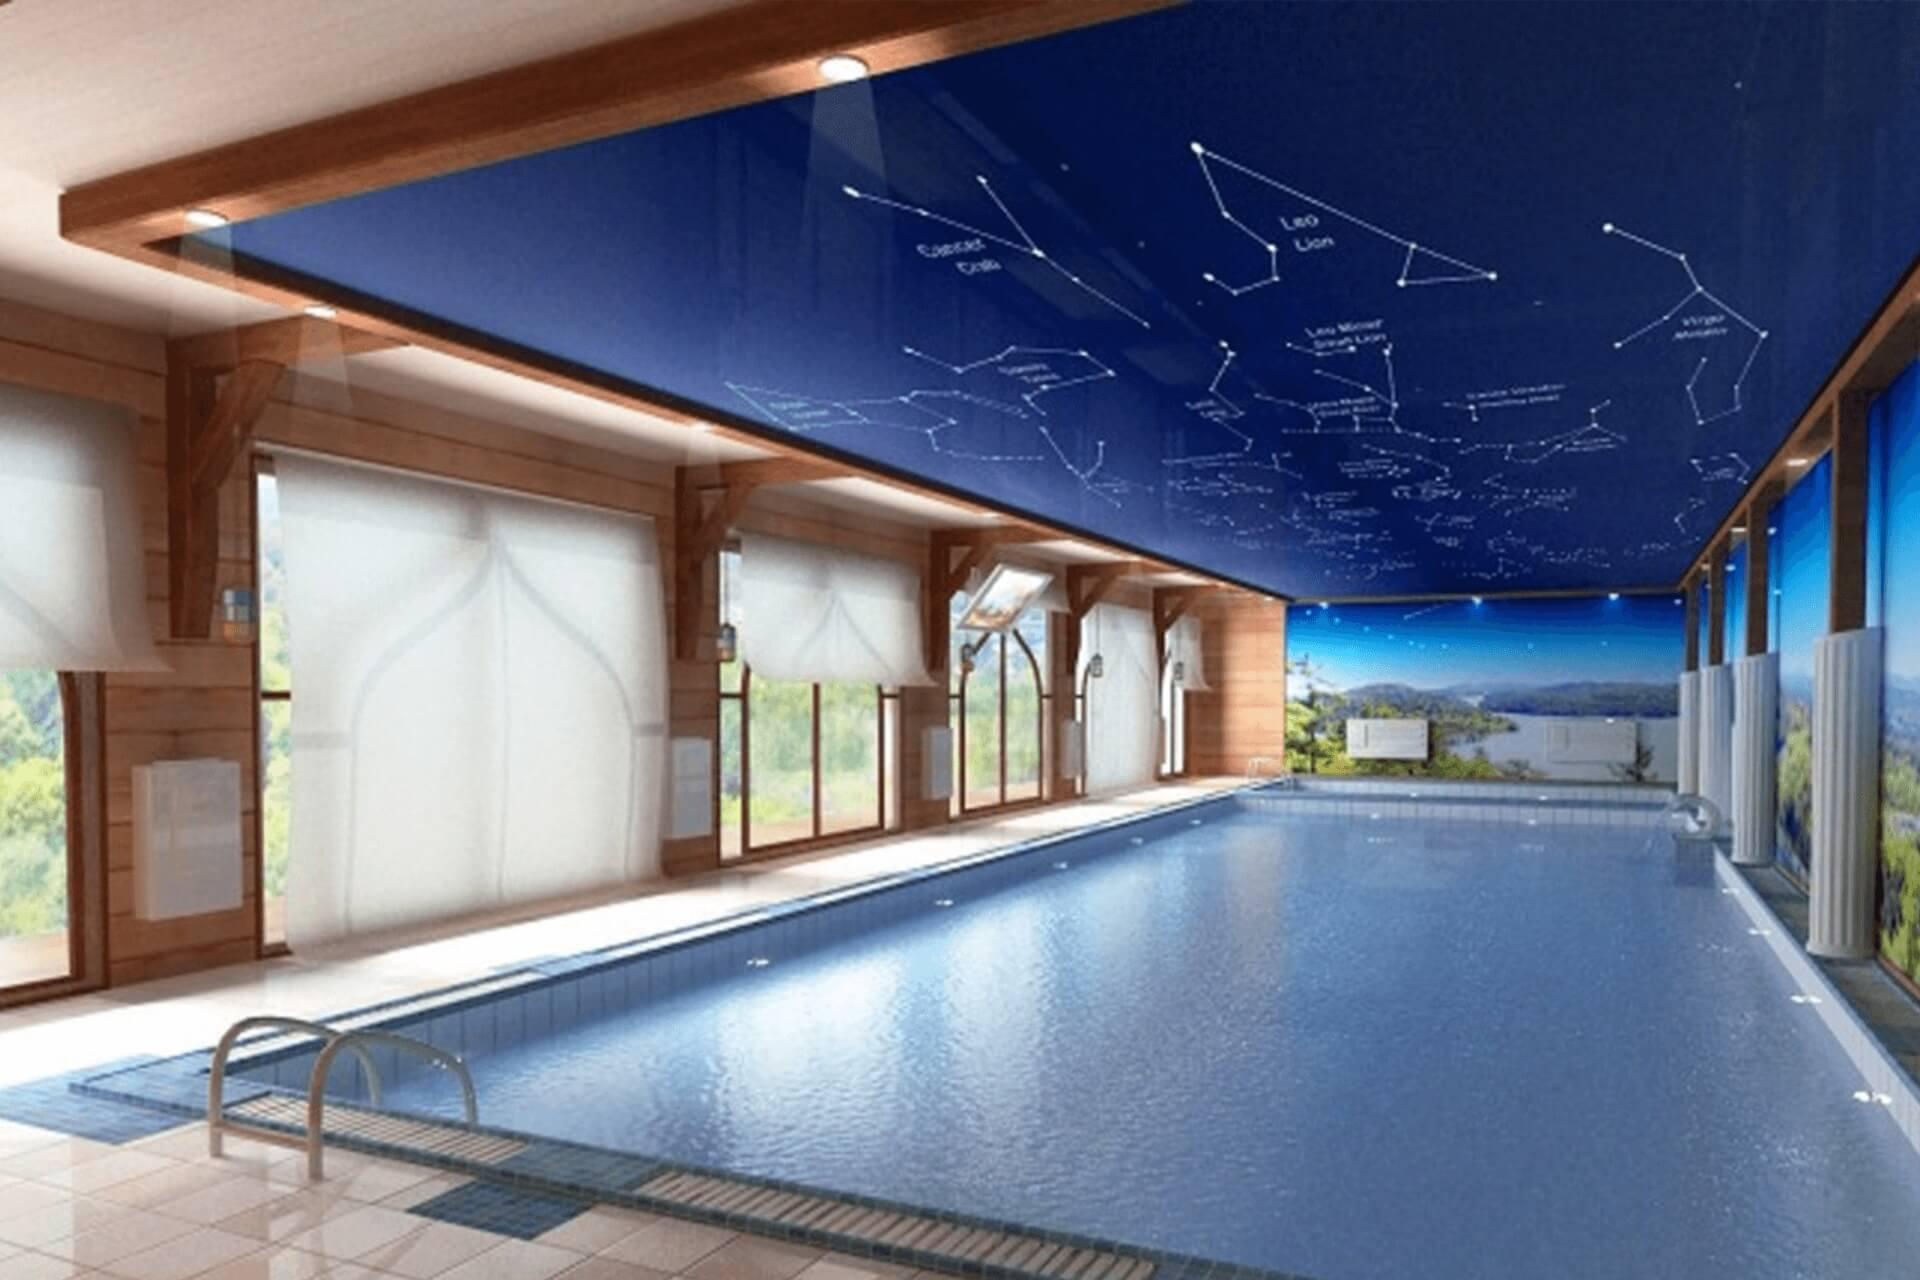 натяжной потолок созвездия в бассейне